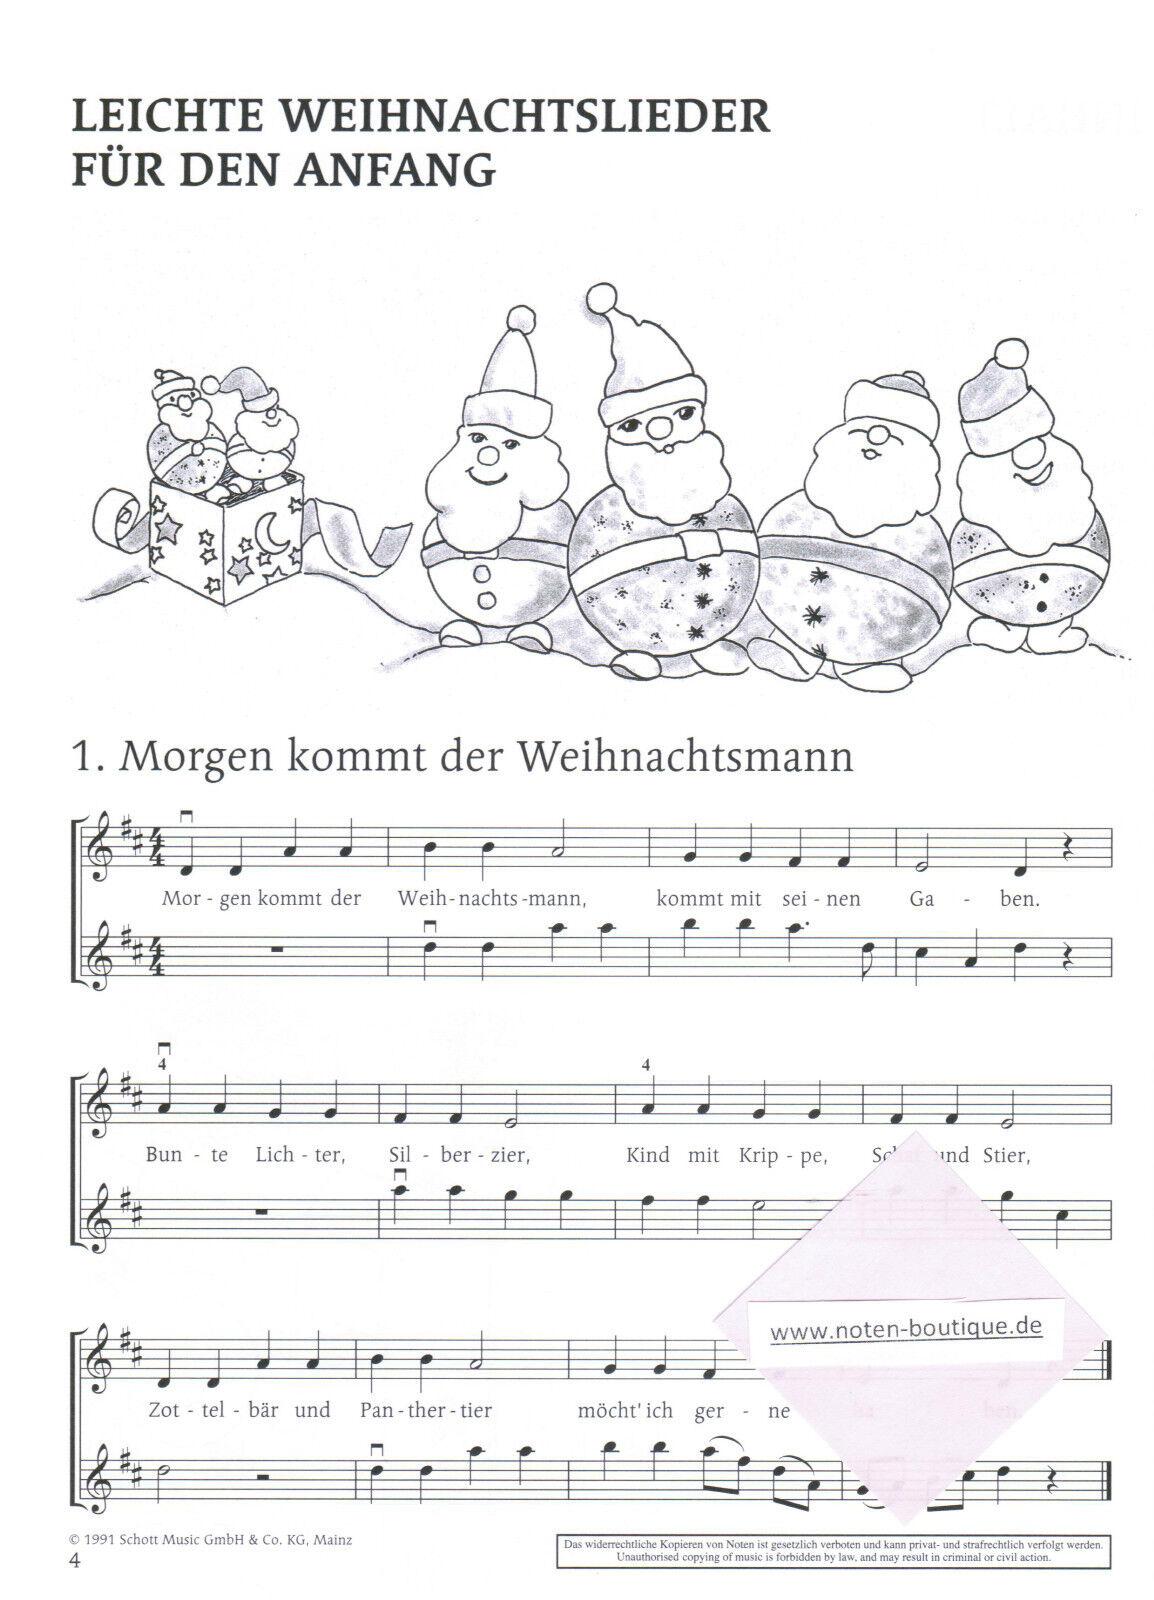 Leichte Weihnachtslieder.Violine Noten Das Fröhliche Weihnachtslieder Heft F 2 3 Violinen Leicht